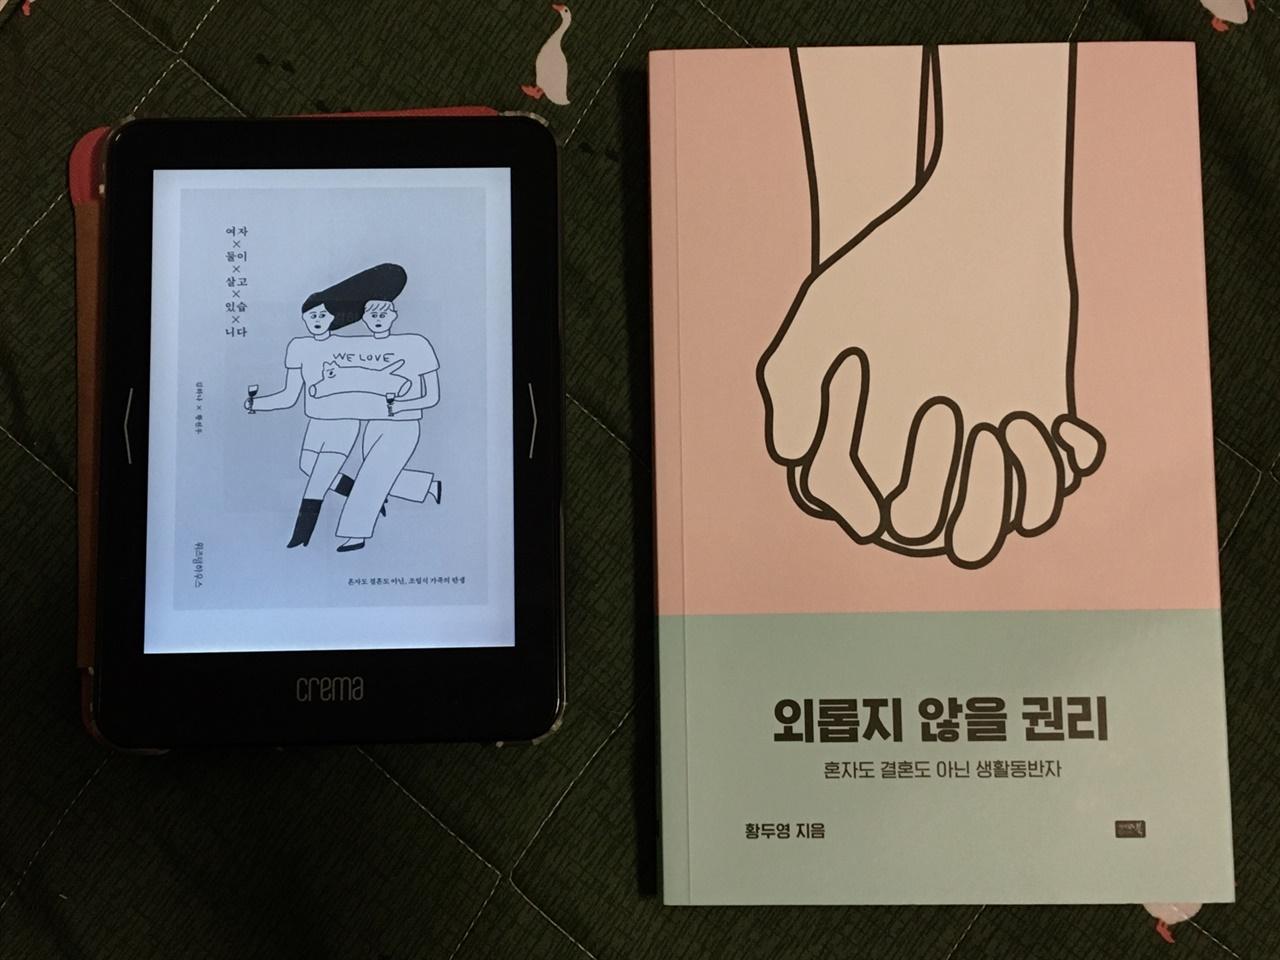 혼인관계가 아닌 가족을 꿈꾸는 사람들에게 추천하고 싶은 책 두 권 김하나, 황선우 작가의 <여자 둘이 살고 있습니다>(2019), 황두영 작가의 <외롭지 않을 권리>(2020)